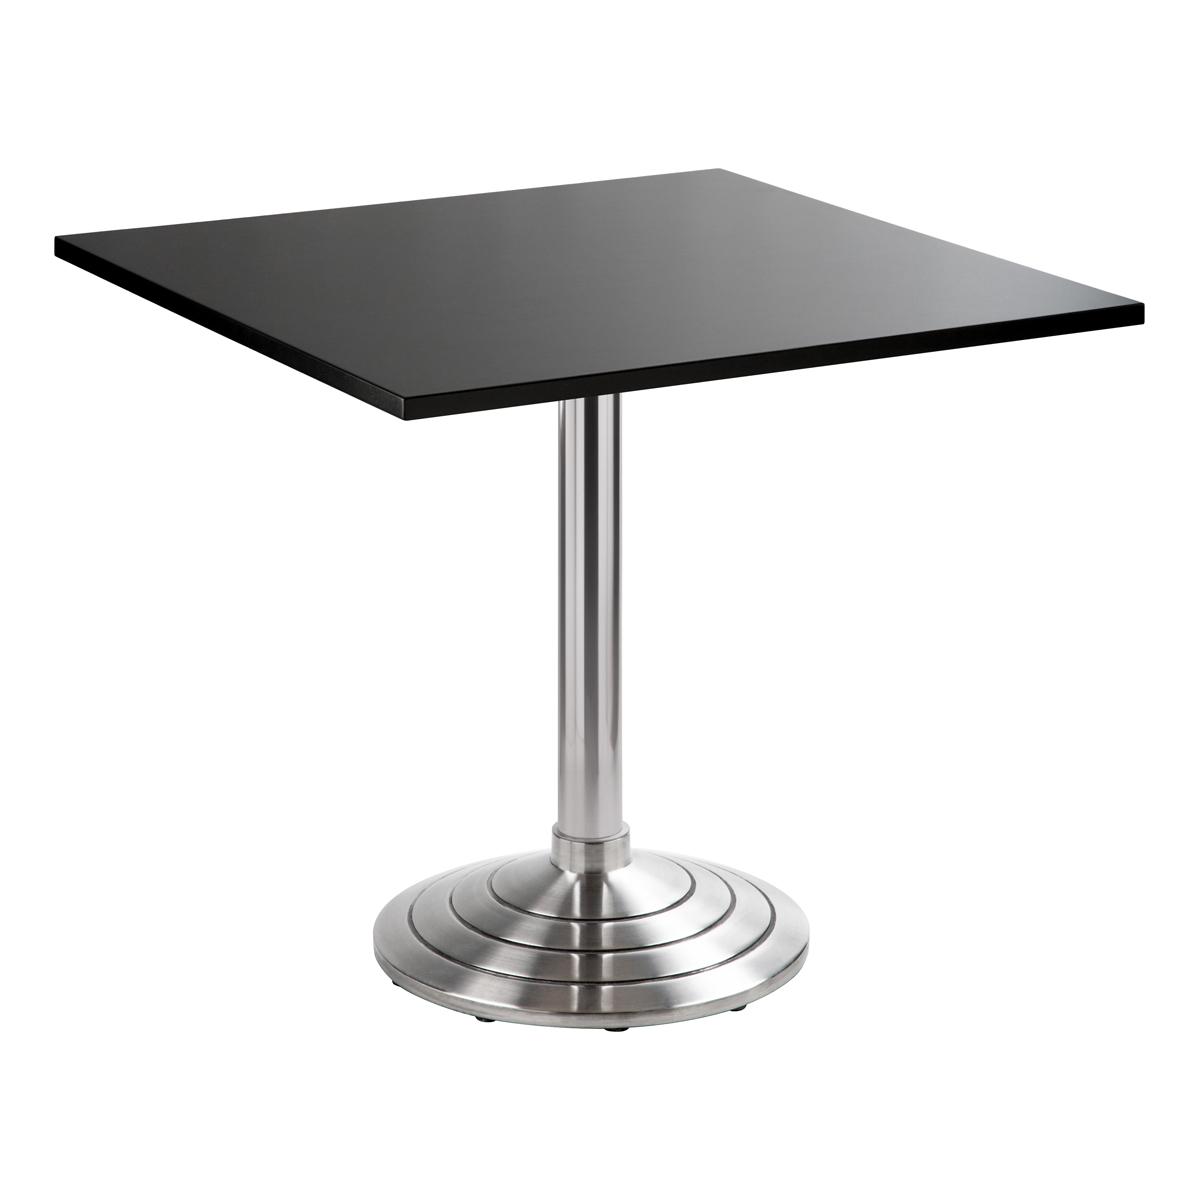 Sitztisch Athen, eckig, schwarz